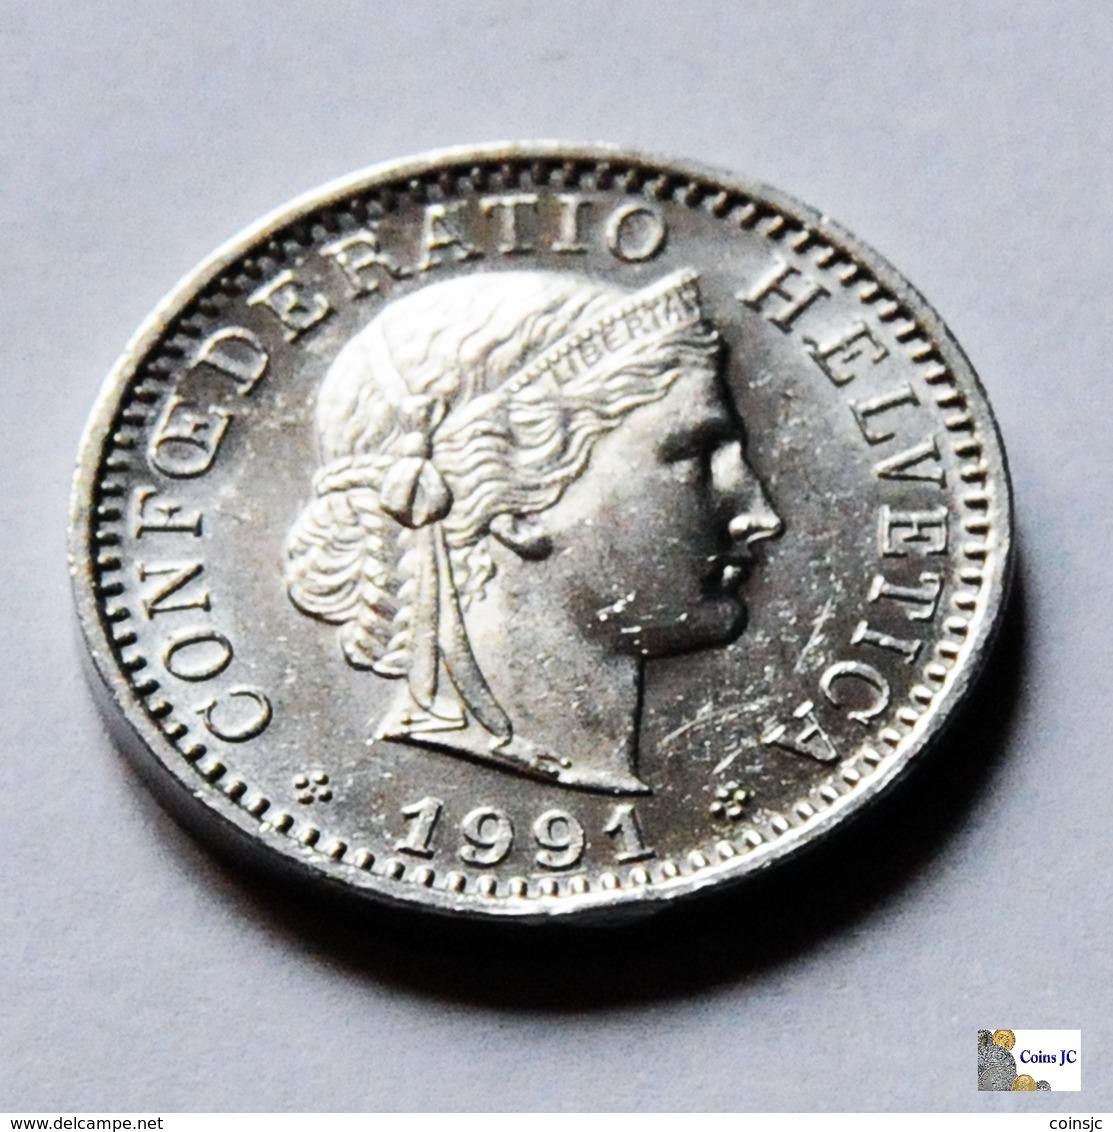 Suiza - 20 Rappen - 1991 - Suiza